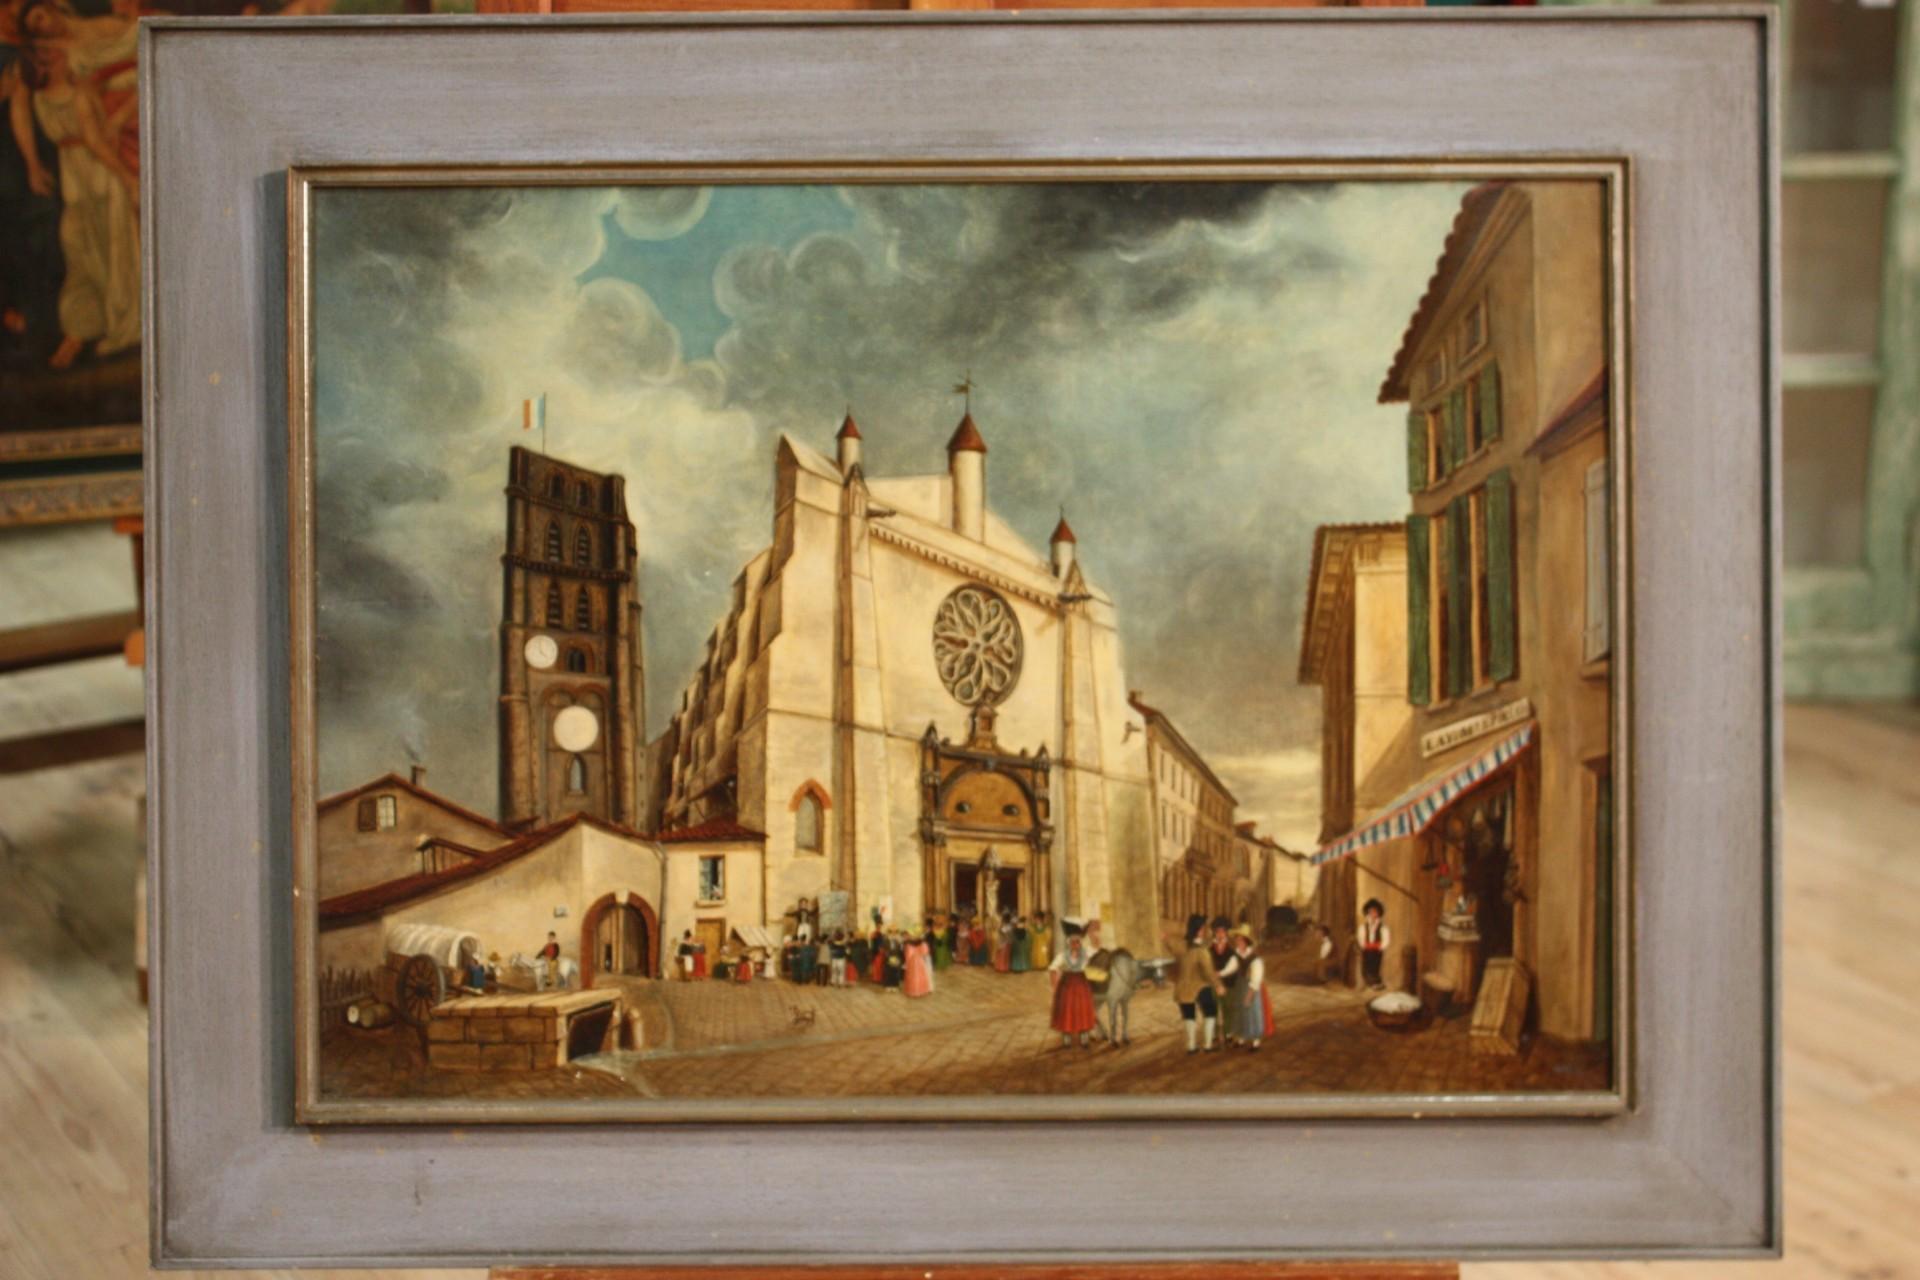 Dipinto antico paesaggio con personaggi del XIX secolo